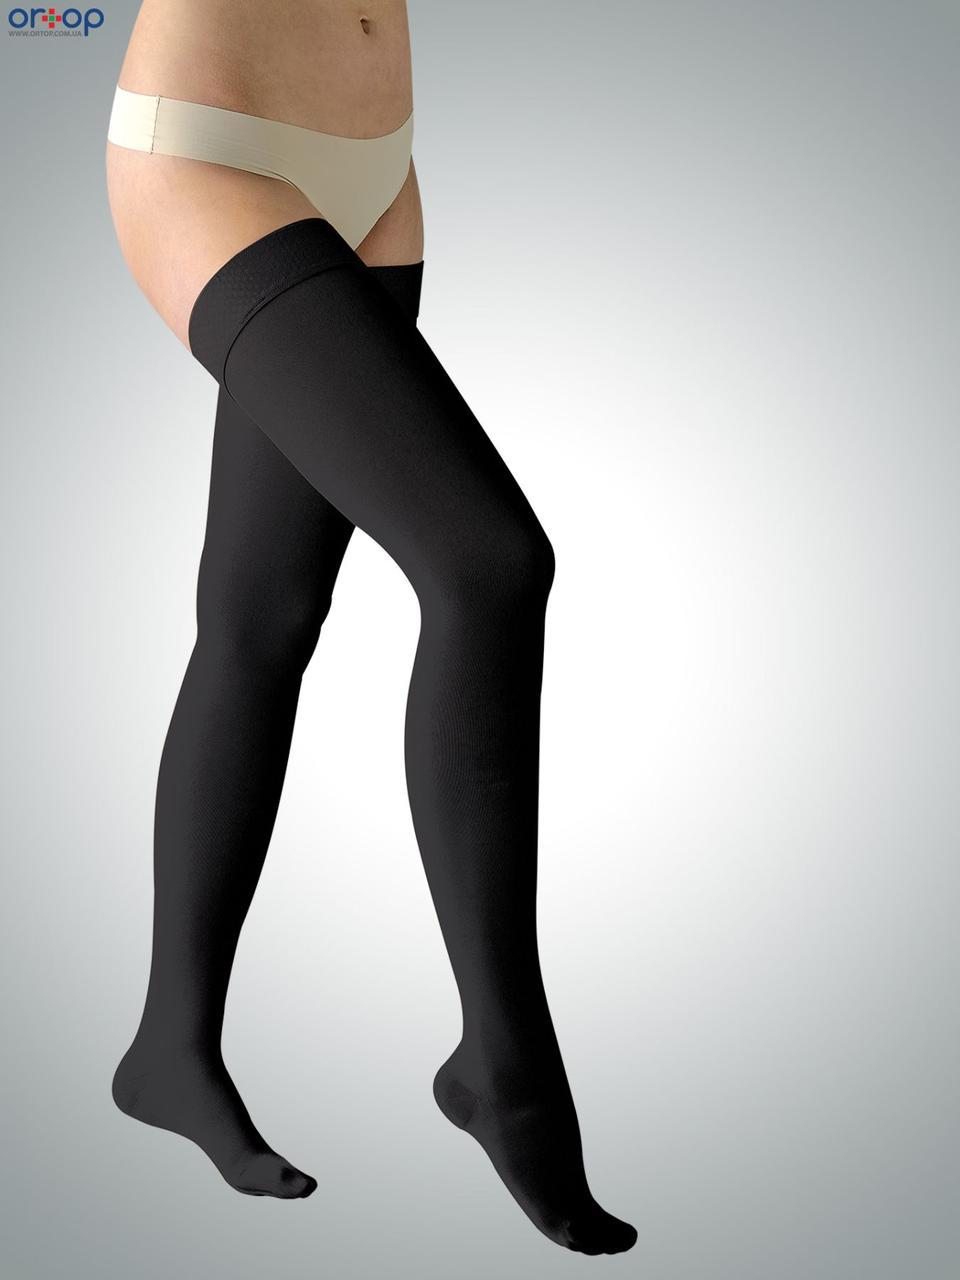 Чулки ARIES Avicenum (2 класс компрессии), закрытый носок, рост - стандартный, цвет черный, размер 1